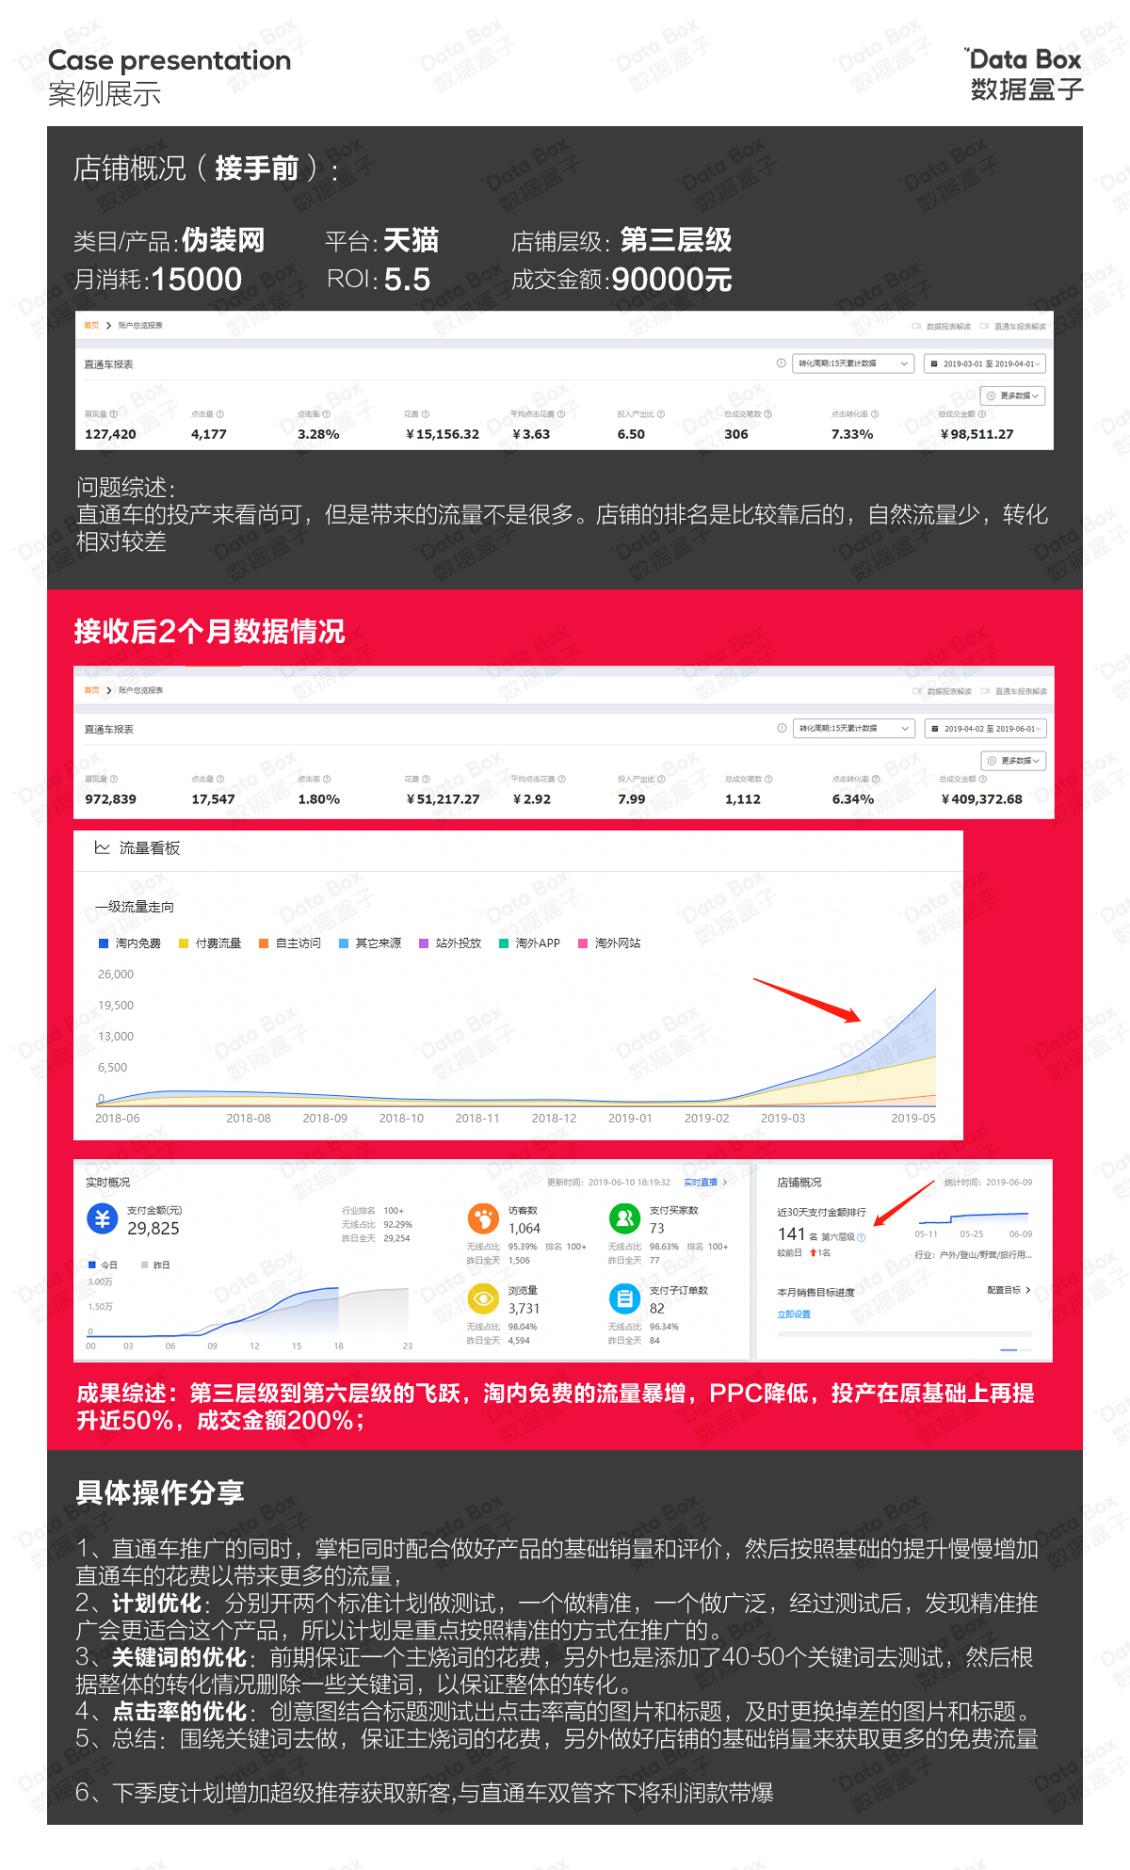 淘寶美工閃電偽裝網產品,2個月從9萬到20 萬作品